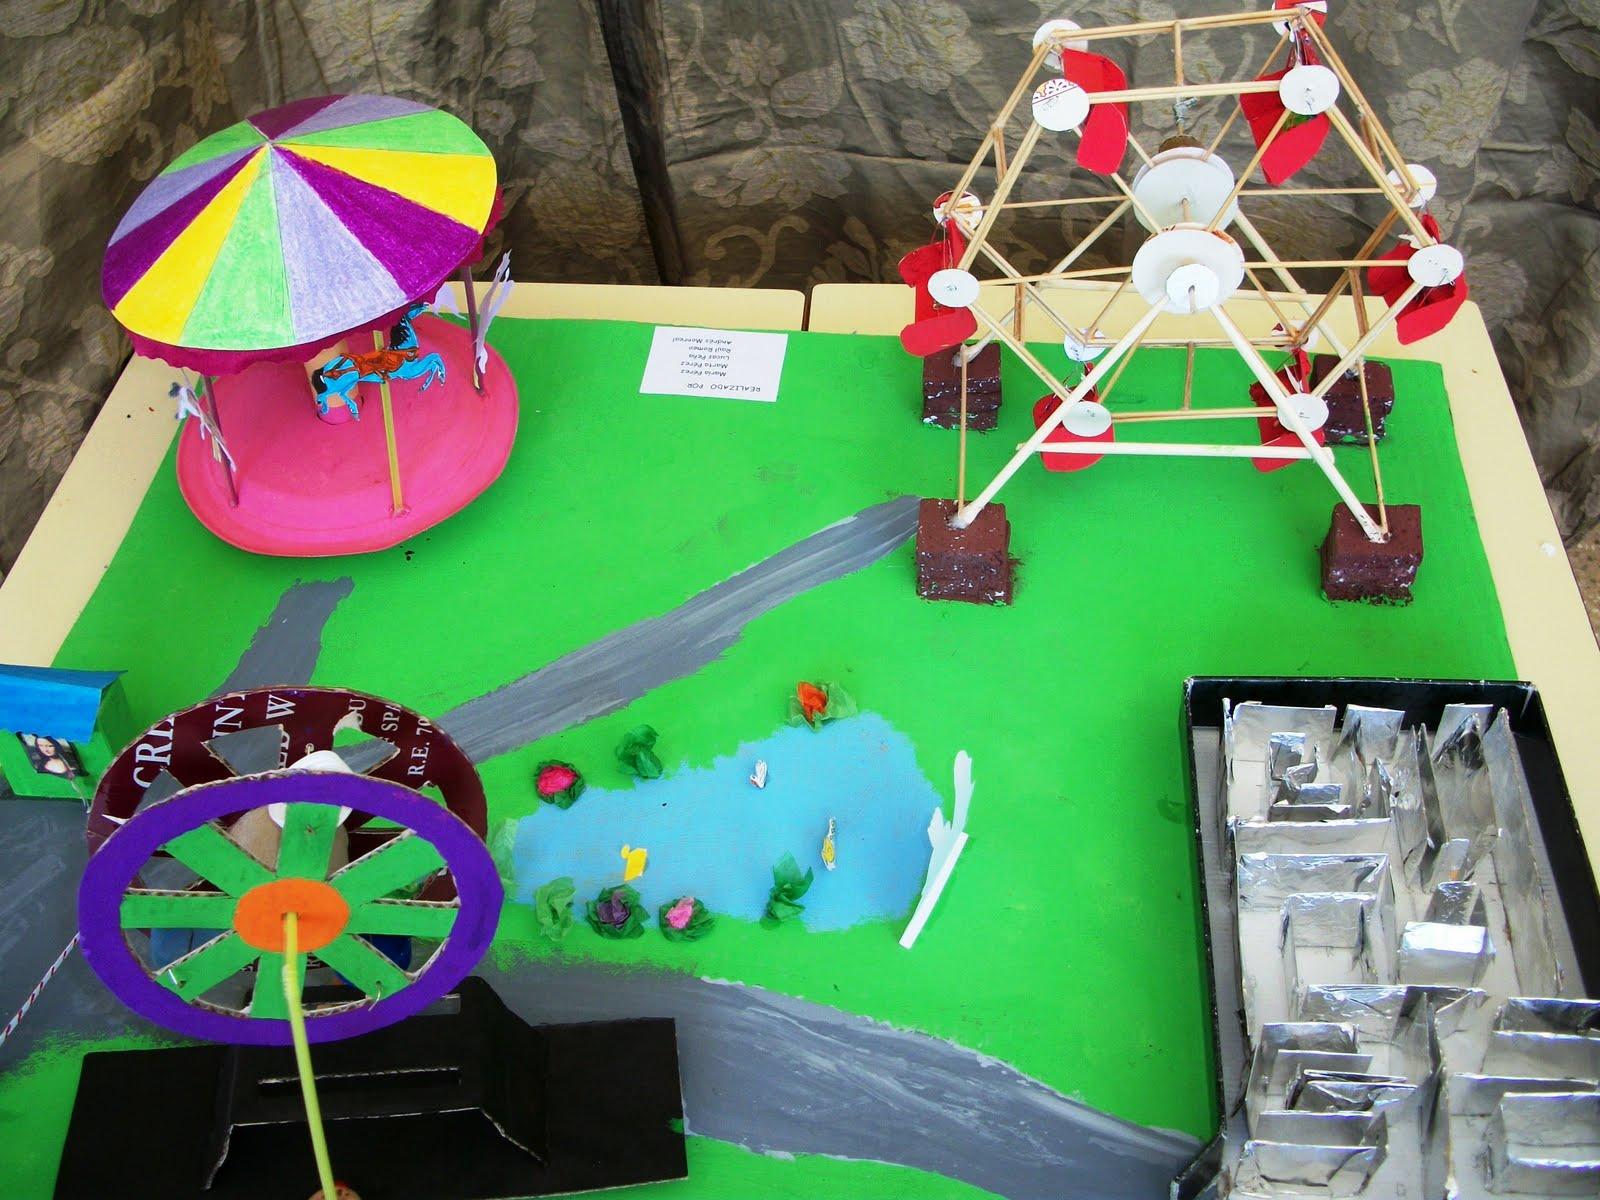 Adc hispanidad mayo 2011 - Construir parque infantil ...